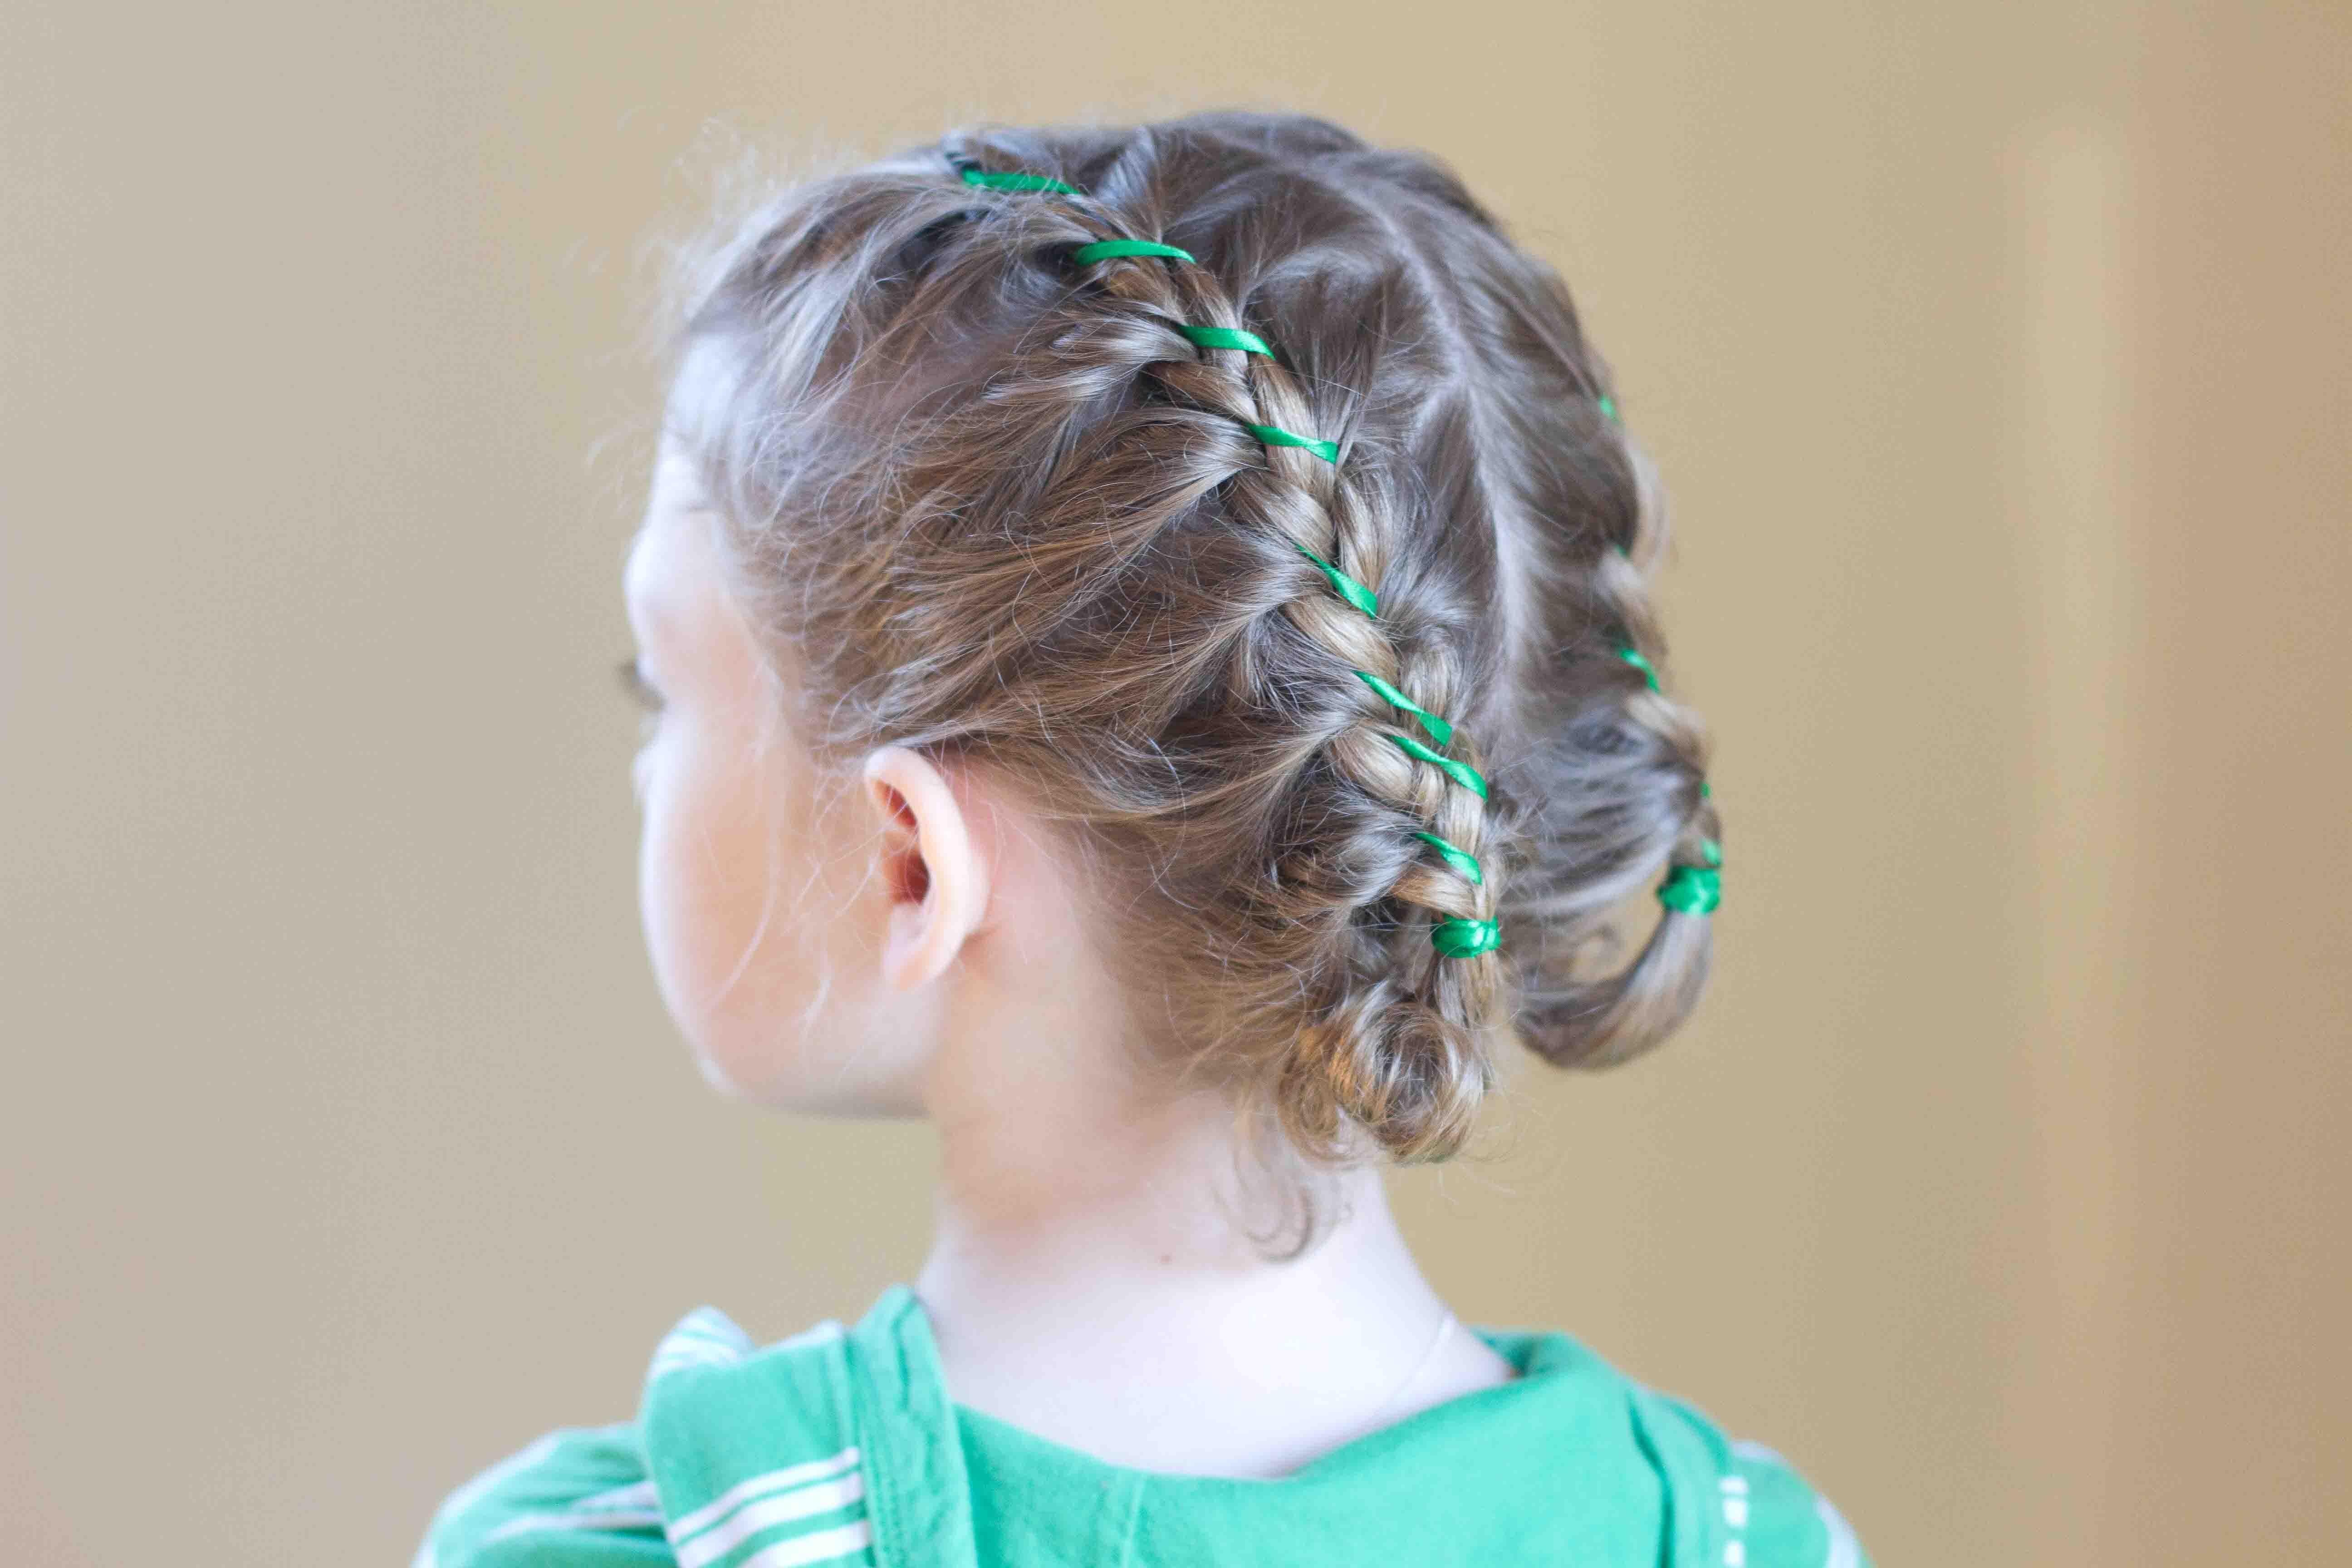 Детские причёски на длинные волосы для школы